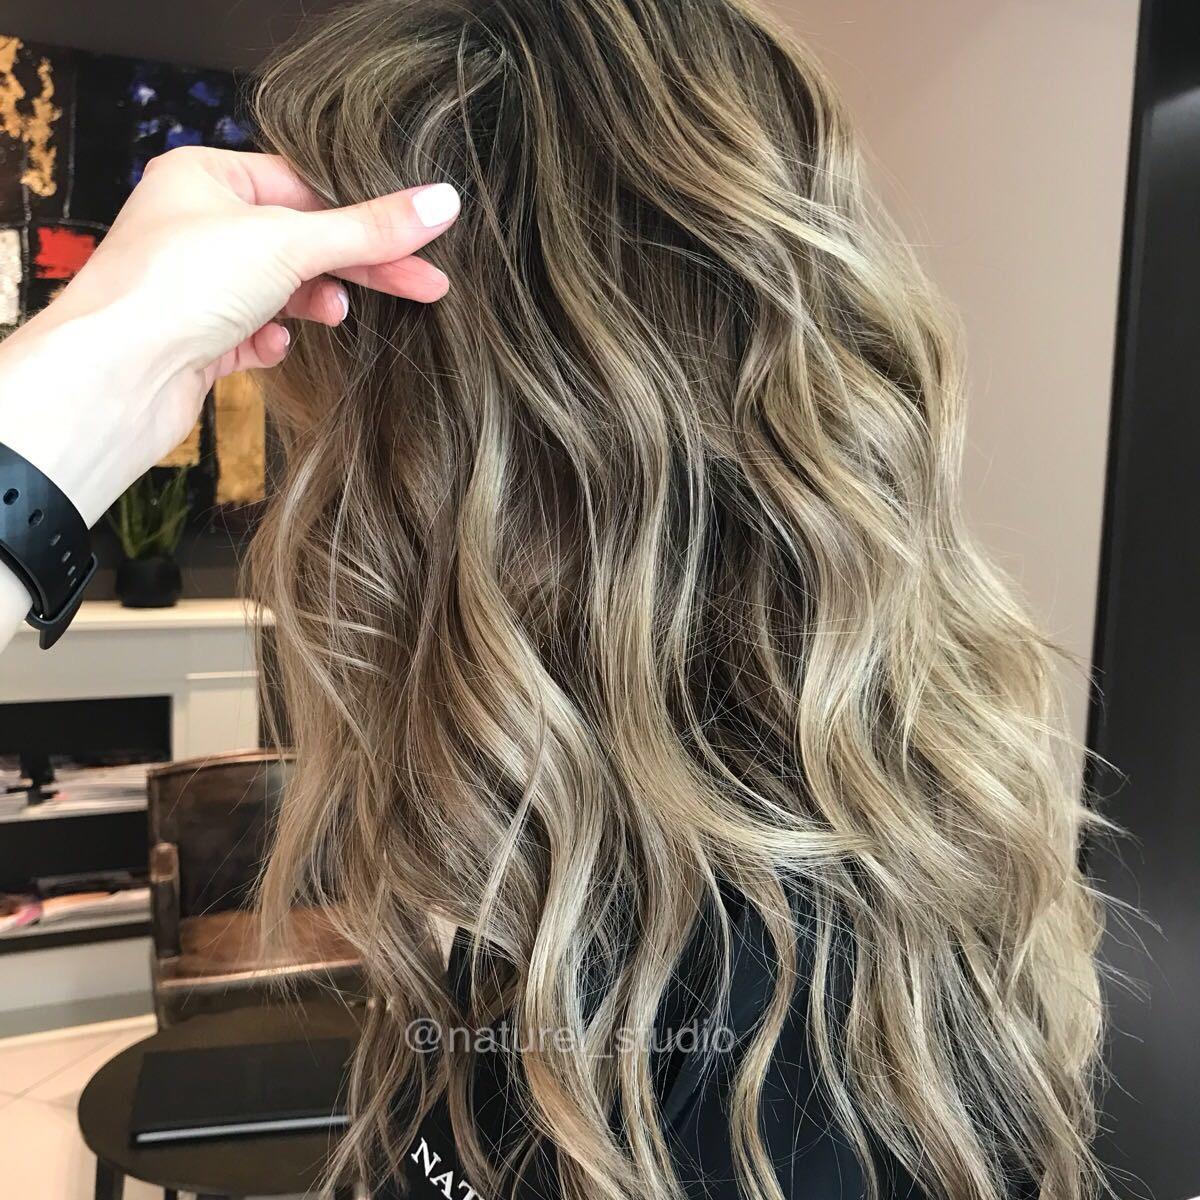 наивности окрашивание волос вуалью фото всего женщины недовольны